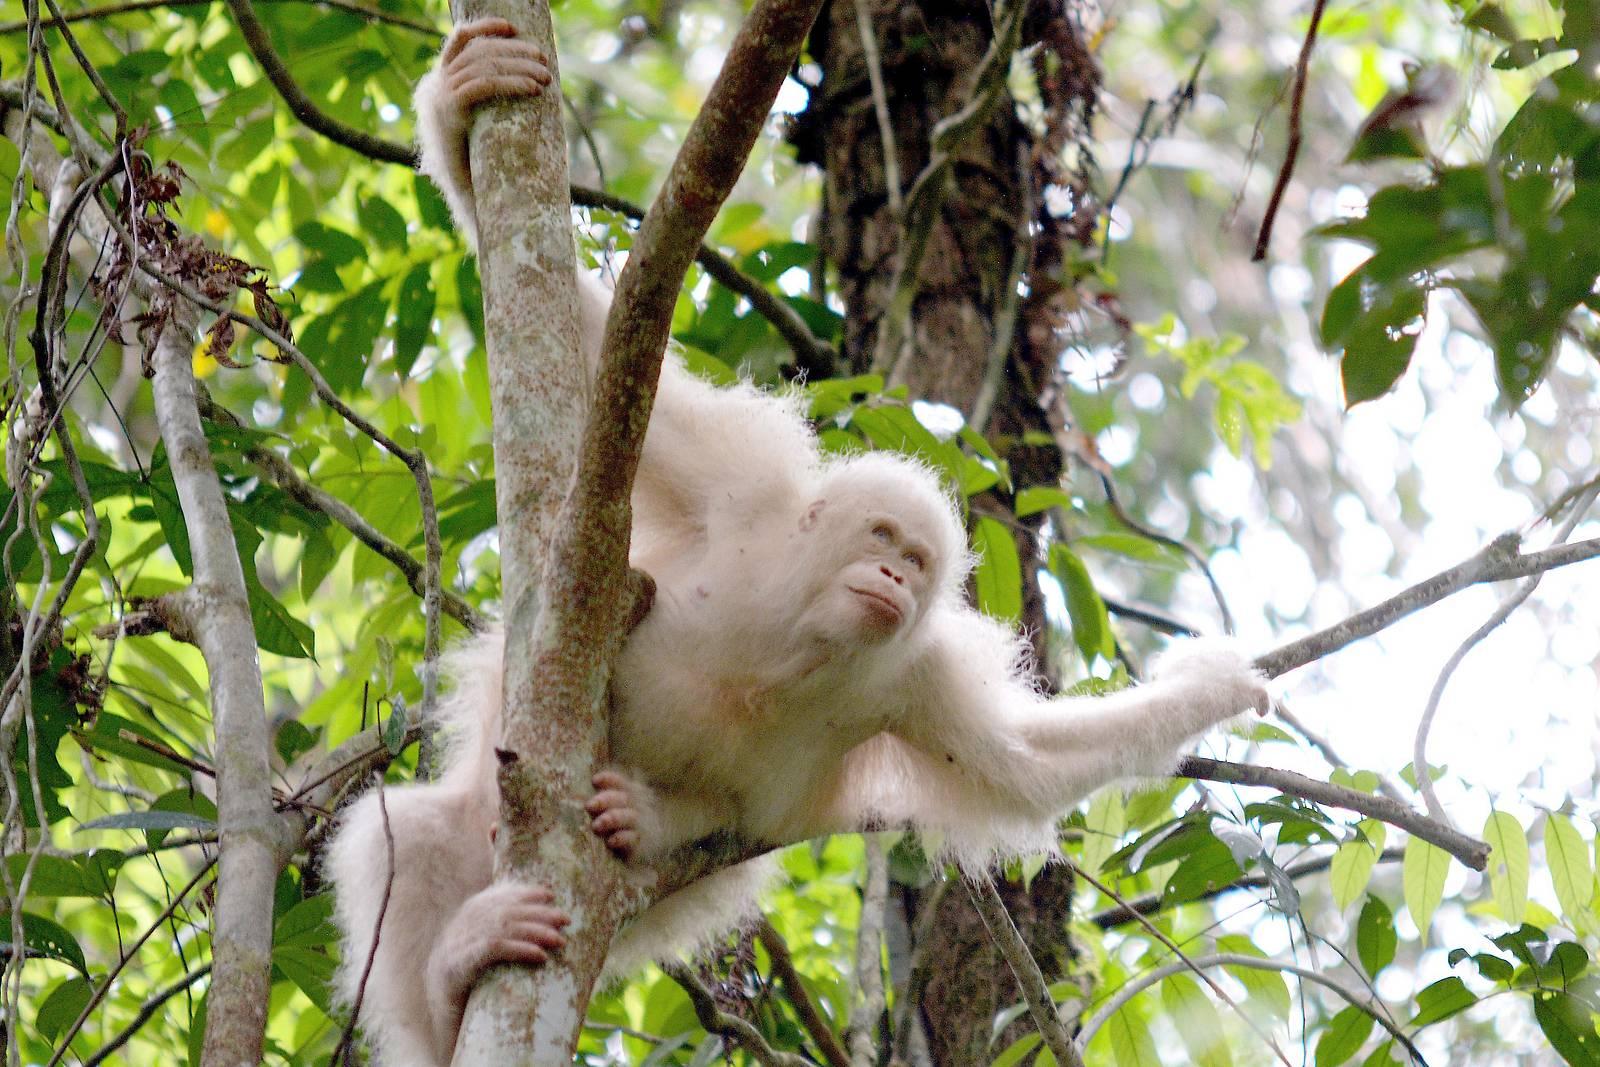 Weißer Orang-Utan gewöhnt sich an Leben in Dschungel